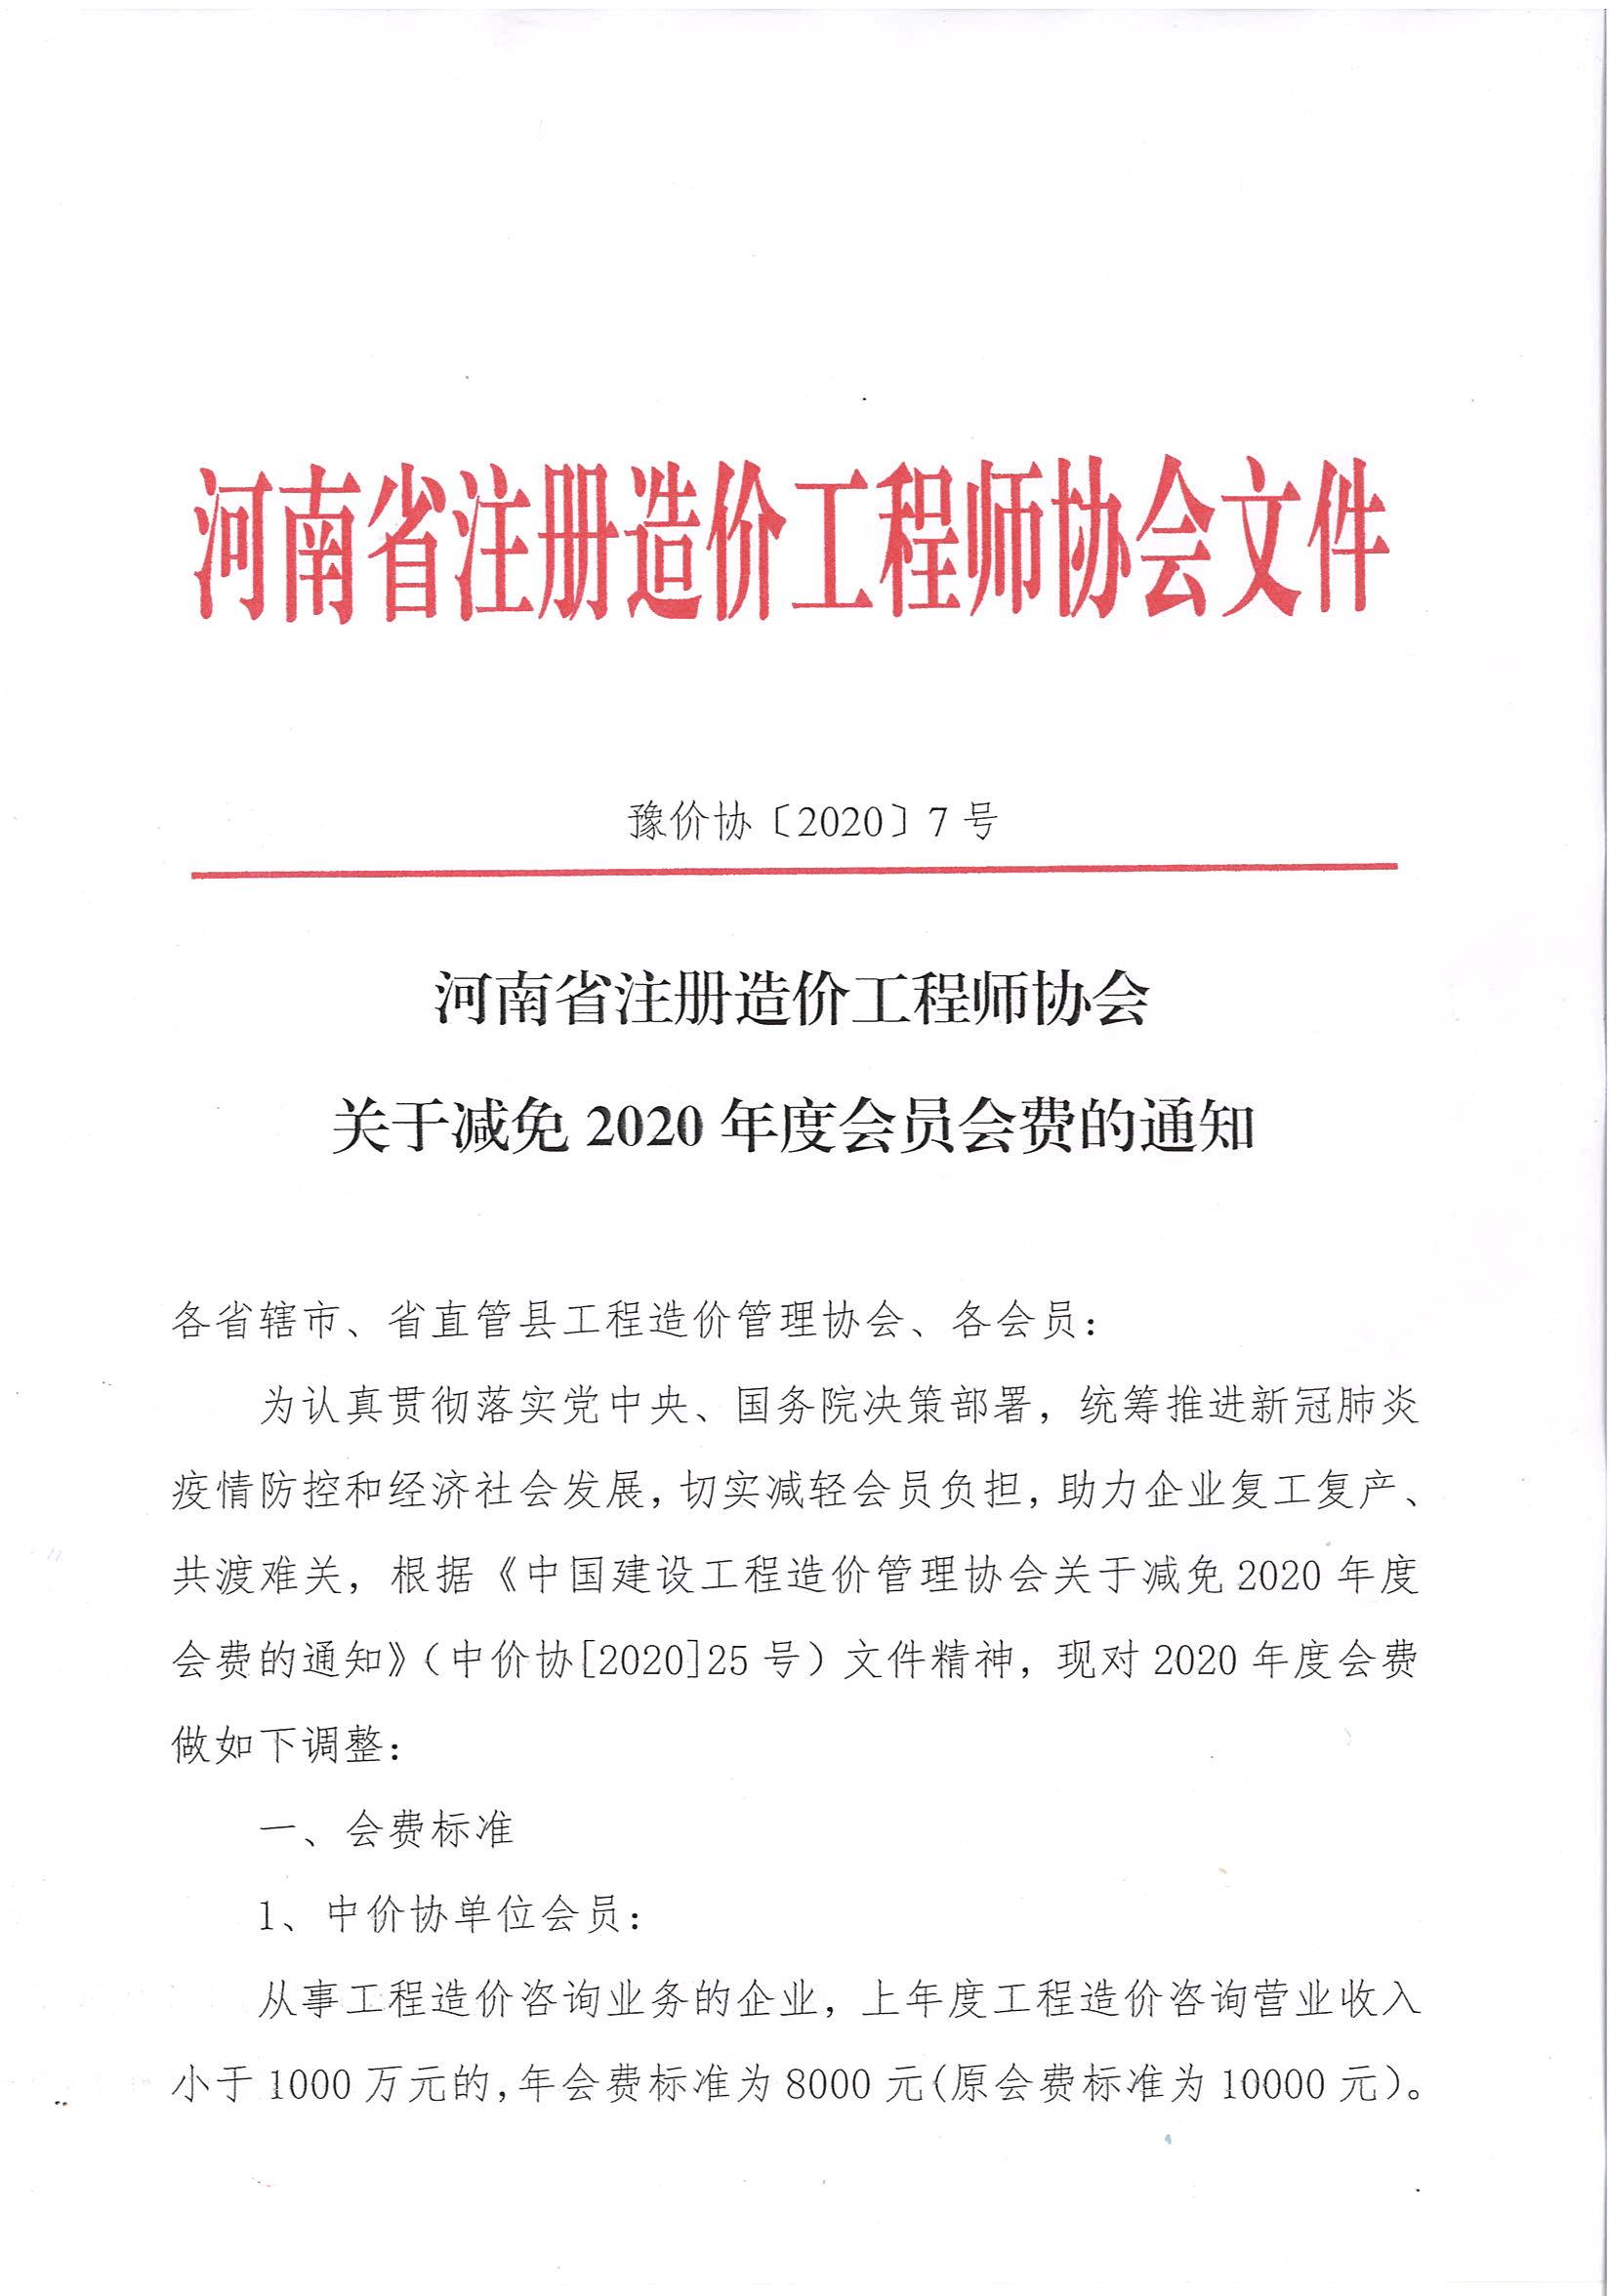 河南省造价网发布减免注册造价工程师2020年度会员会费的通知